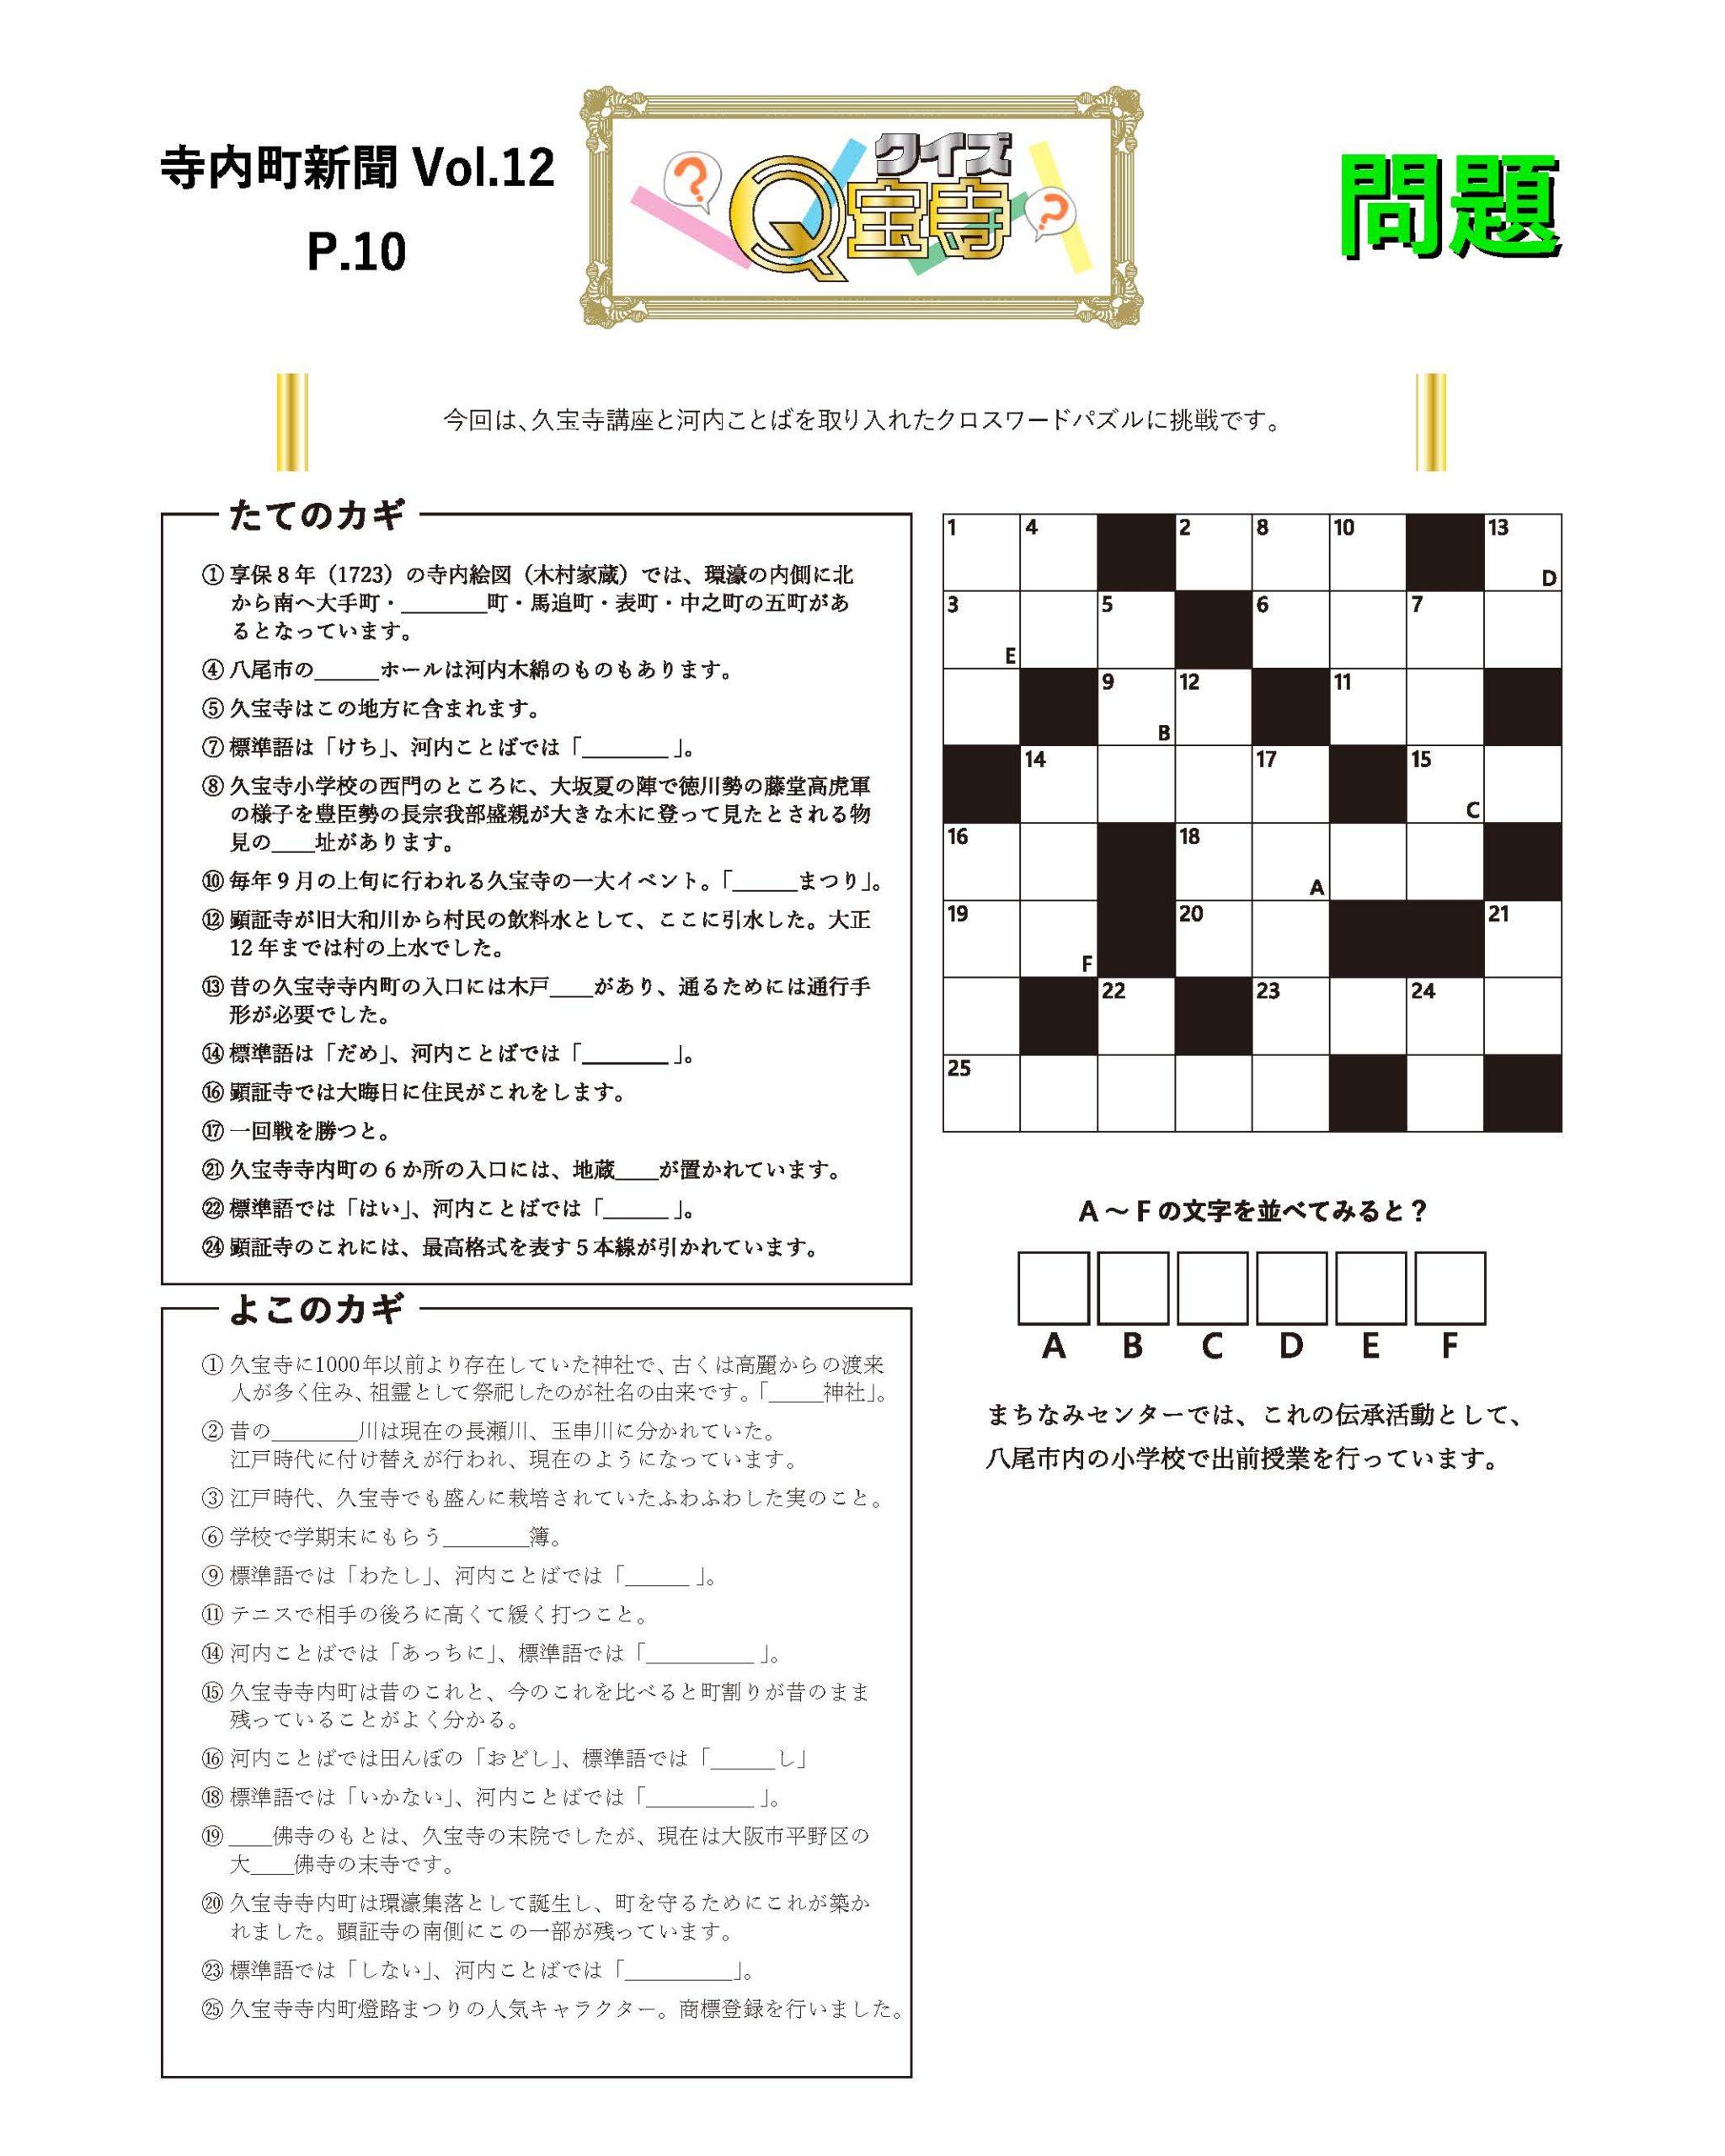 クイズQ宝寺Vol.12 問題